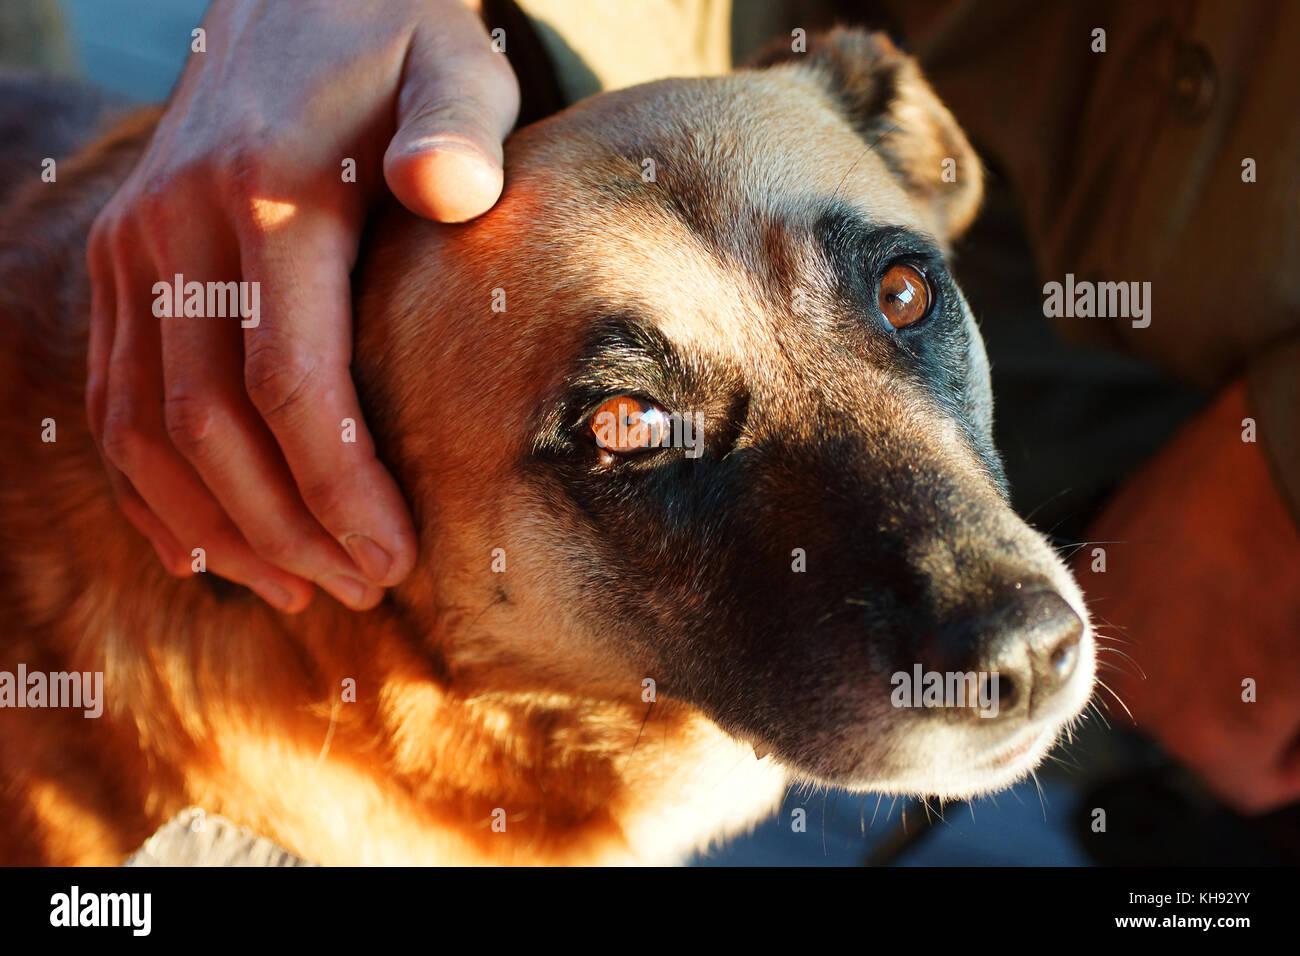 El hombre está acariciando un perro amarillo. Imagen De Stock